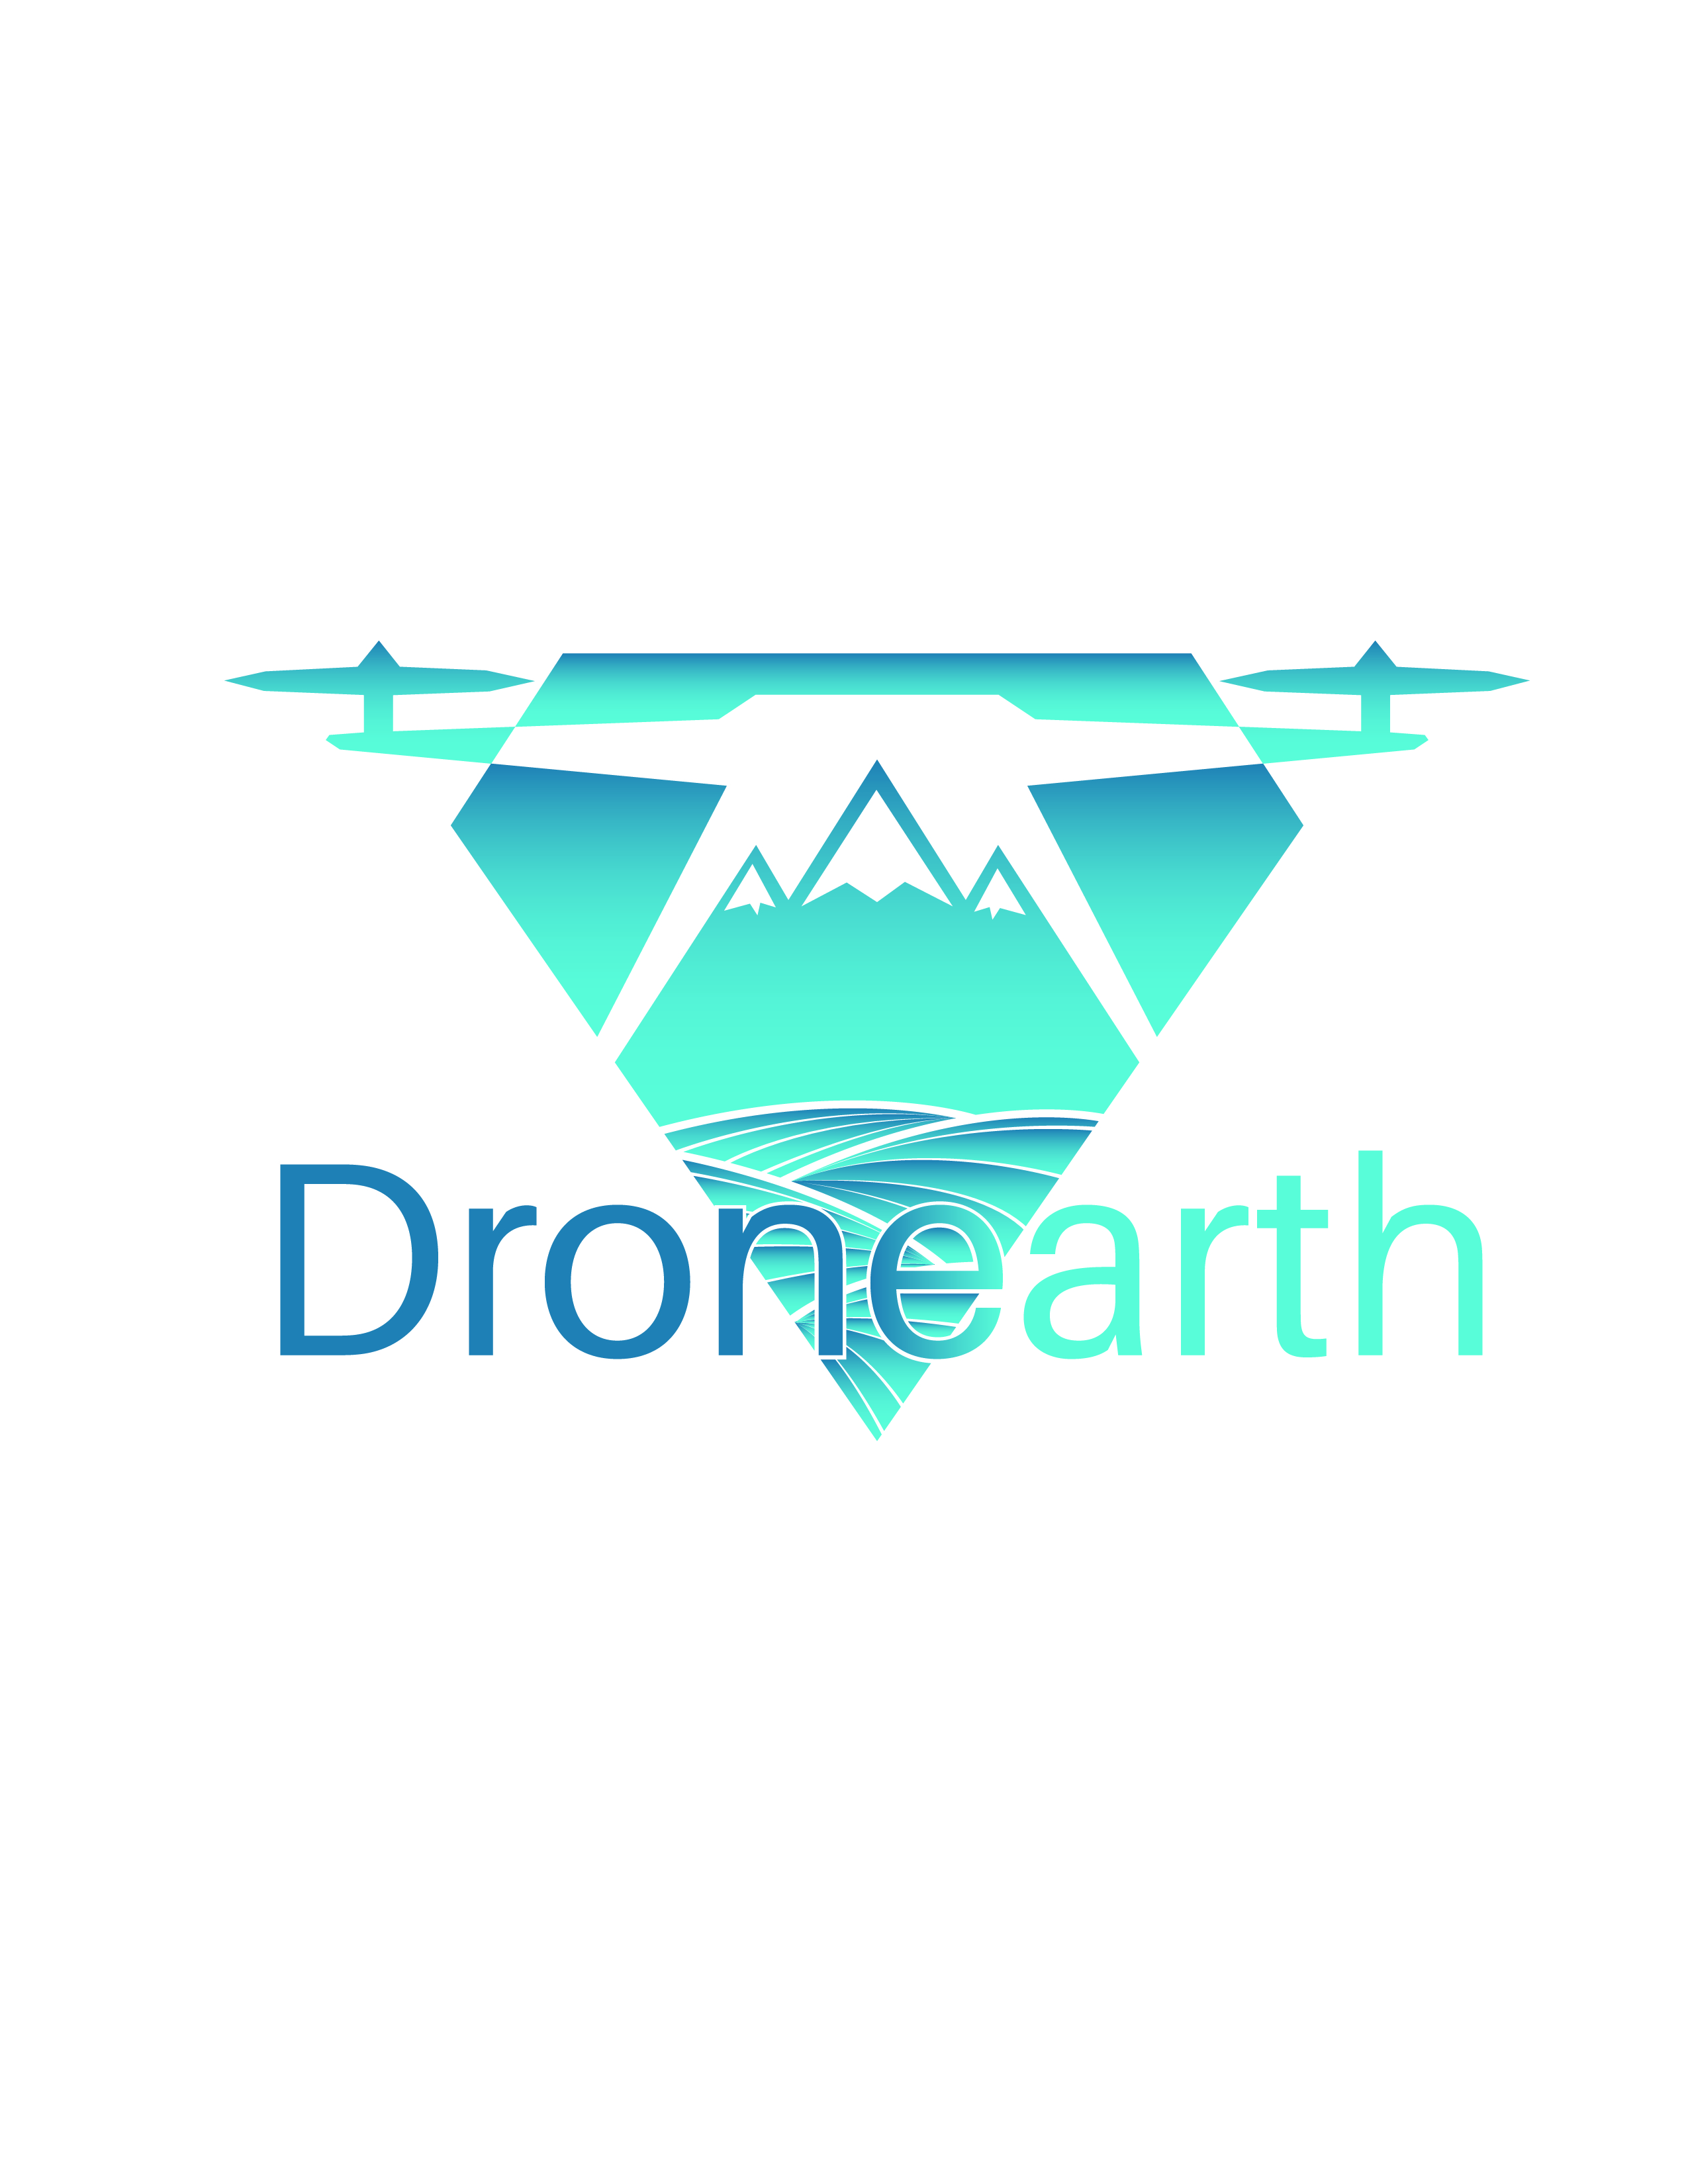 704-DRONEARTH SAS